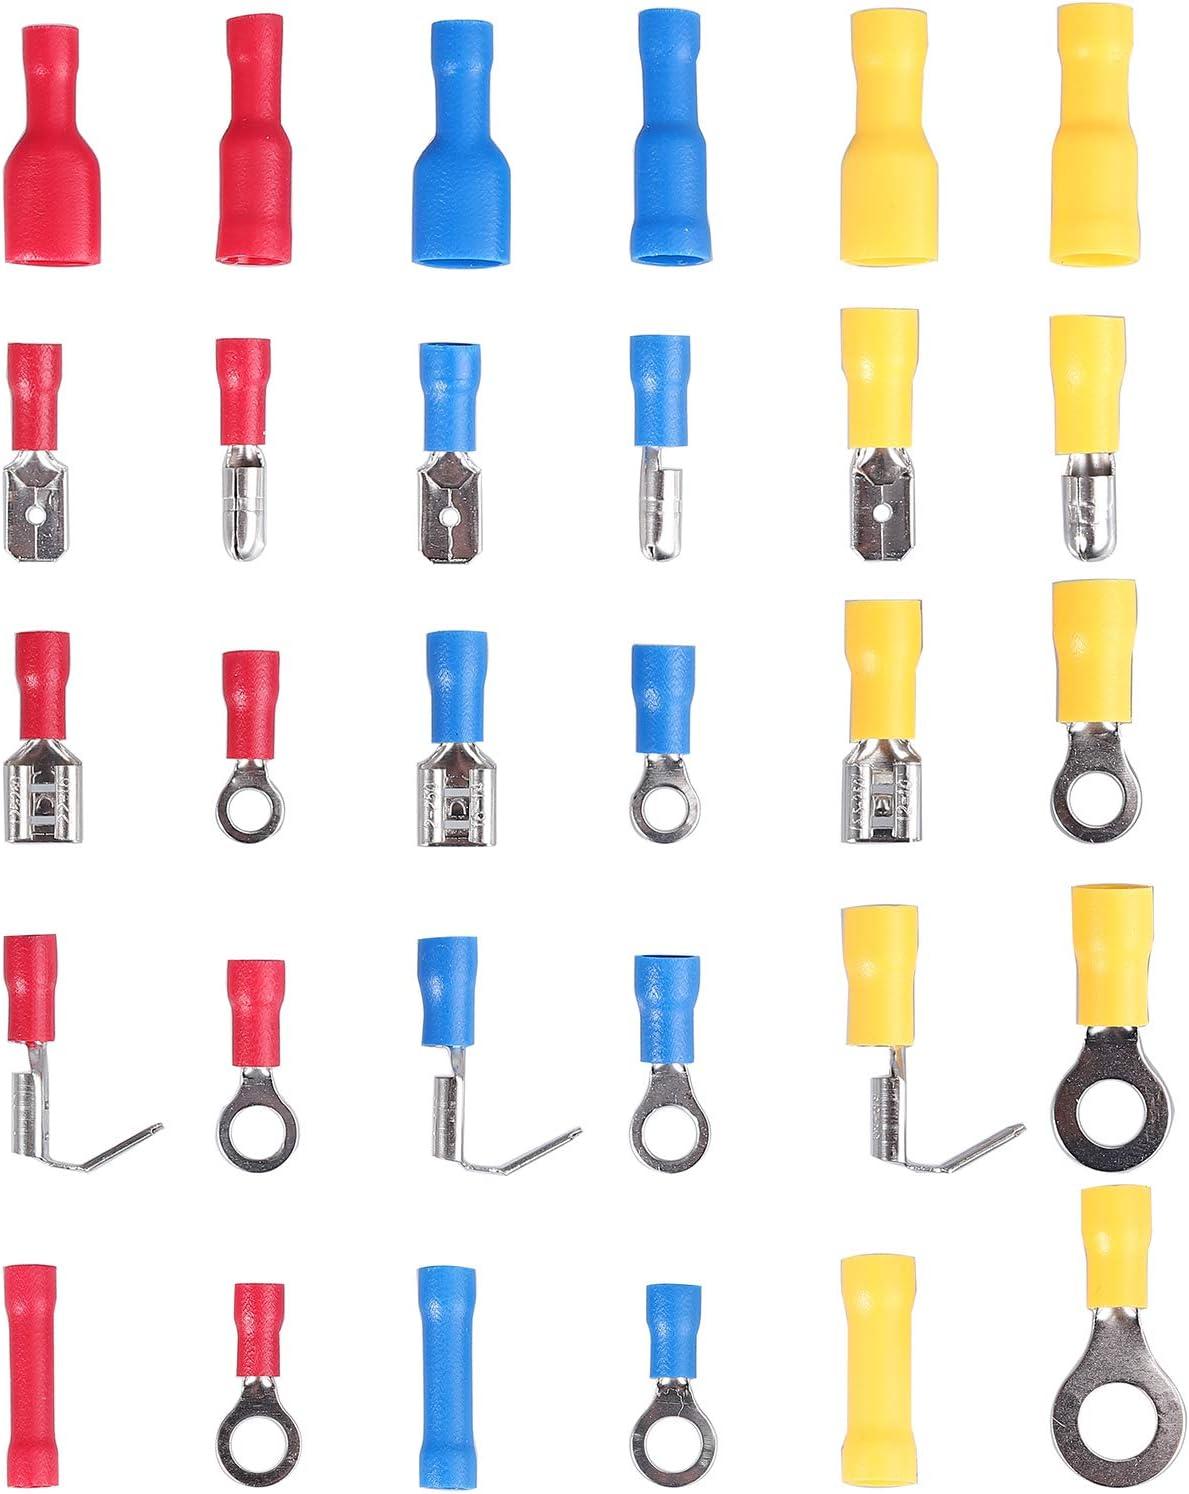 Proster Connecteurs de C/âbles dAppoint 500PCS Kit de Connecteurs de C/âbles Isol/és 22-10 AWG en Cuivre et PVC Isolant Comprenant un M/âle Femelle 30 Types Connecteurs